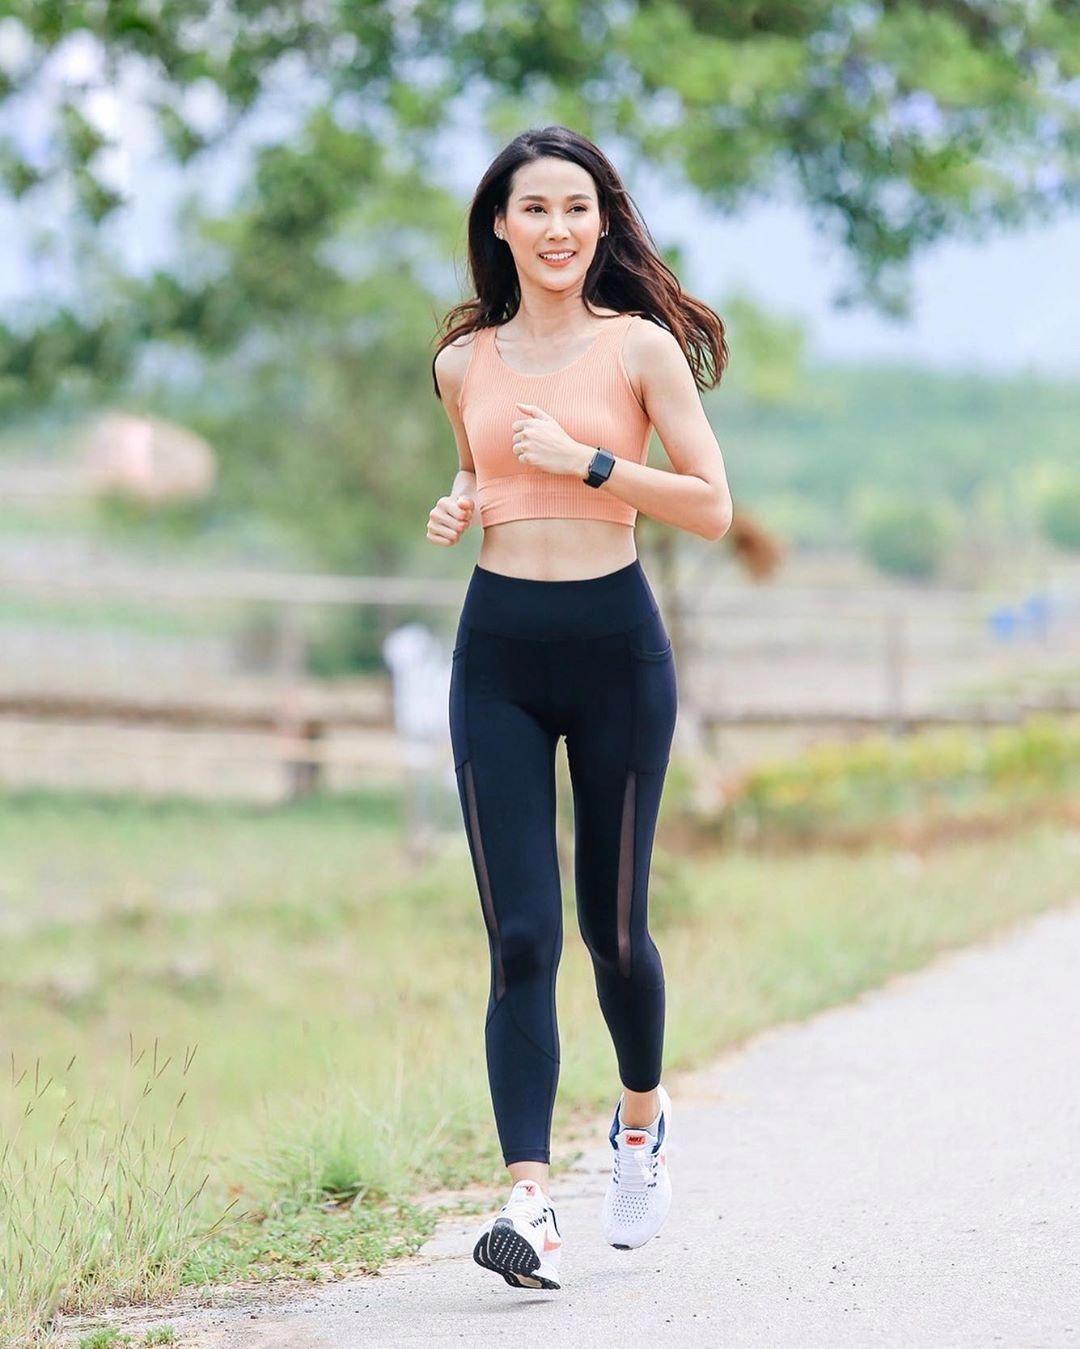 ไม่ชอบวิ่งหรอก โซน1 โซน2 ชอบวิ่งแถวโซนอาหาร ☺️🍣🥝🍉 #วิ่งไหนดี  #วิ่งที่เขาชะเมา #beaverrunkhaochamaohalfmarathon2019 #Run…    ชุดออกกำลังกาย, สไตล์แฟชั่น, นางแบบ